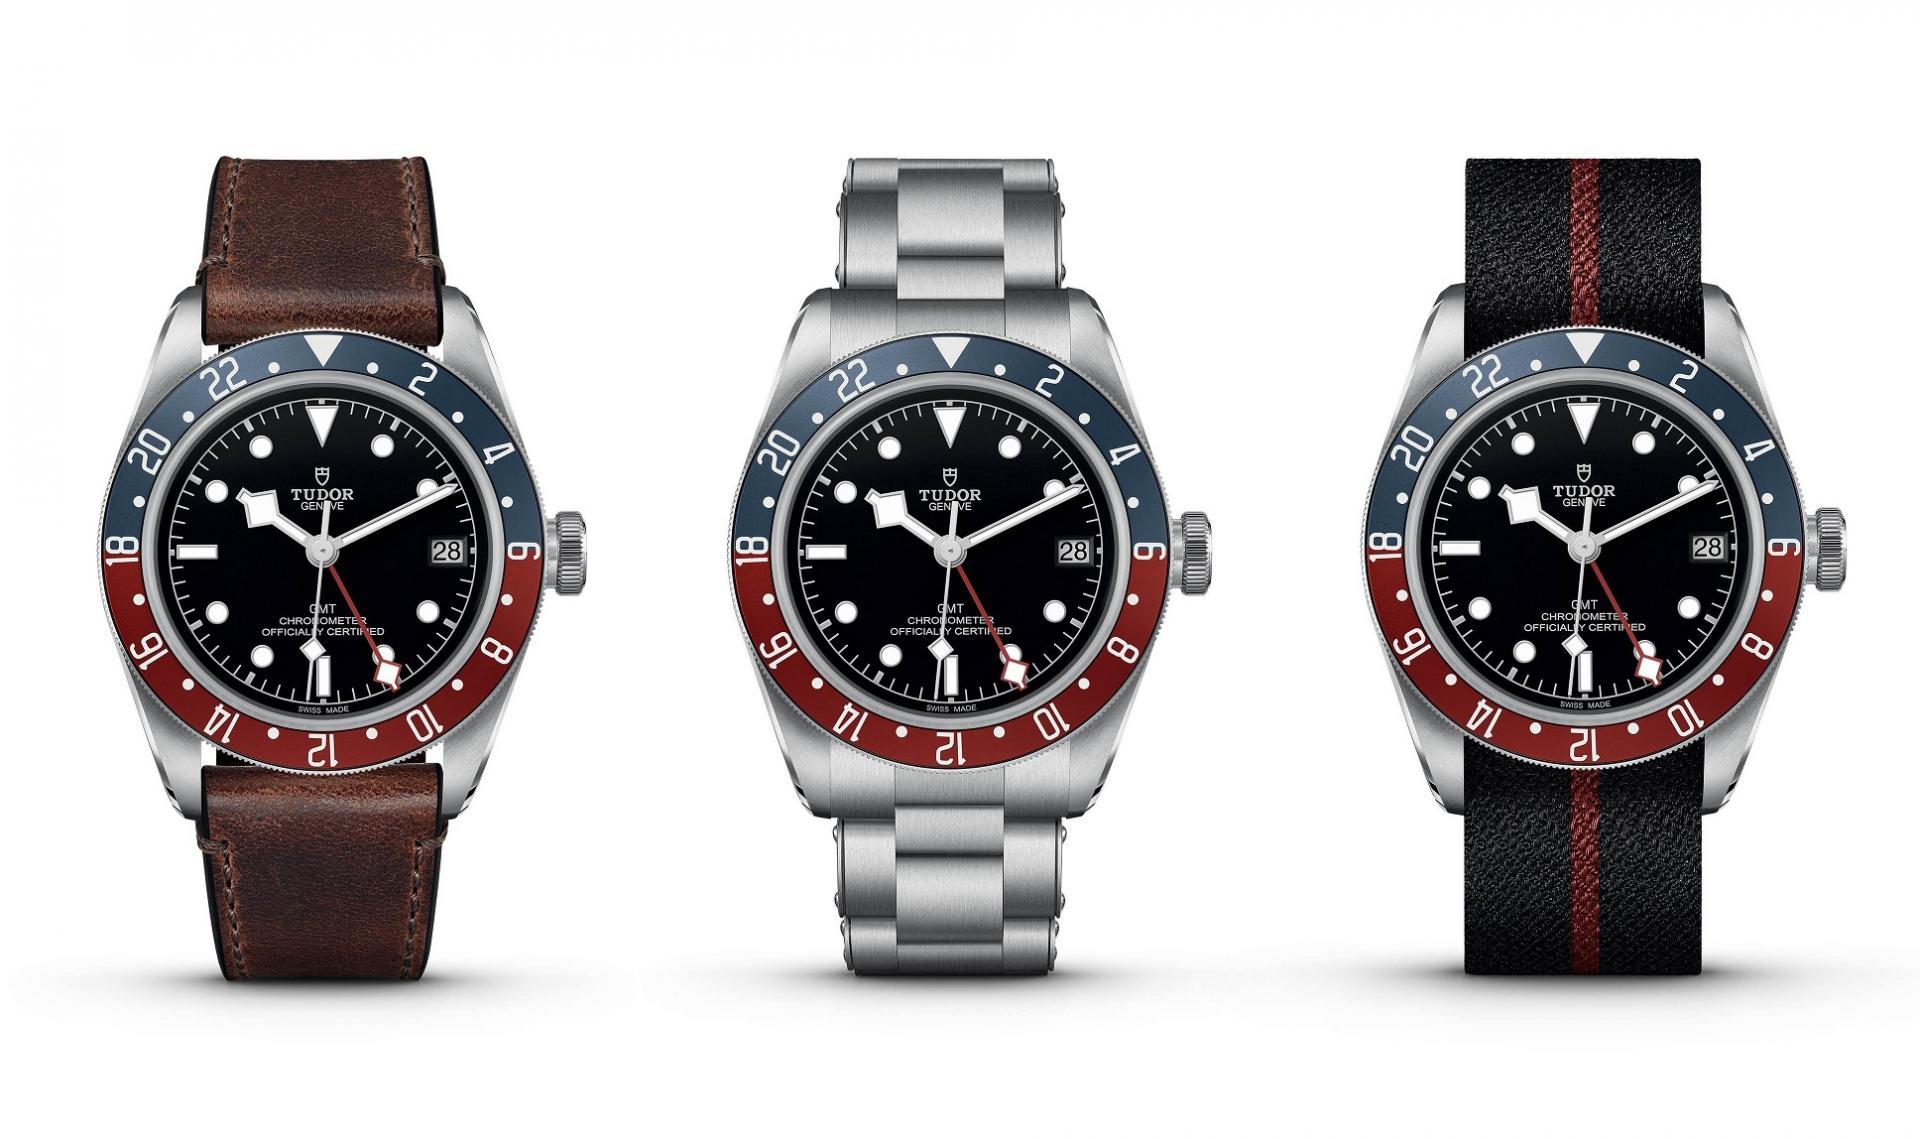 Naziv: Tudor-Black-Bay-GMT-leather-Nato-Bracelet.jpg, pregleda: 214, veličina: 212,9 KB